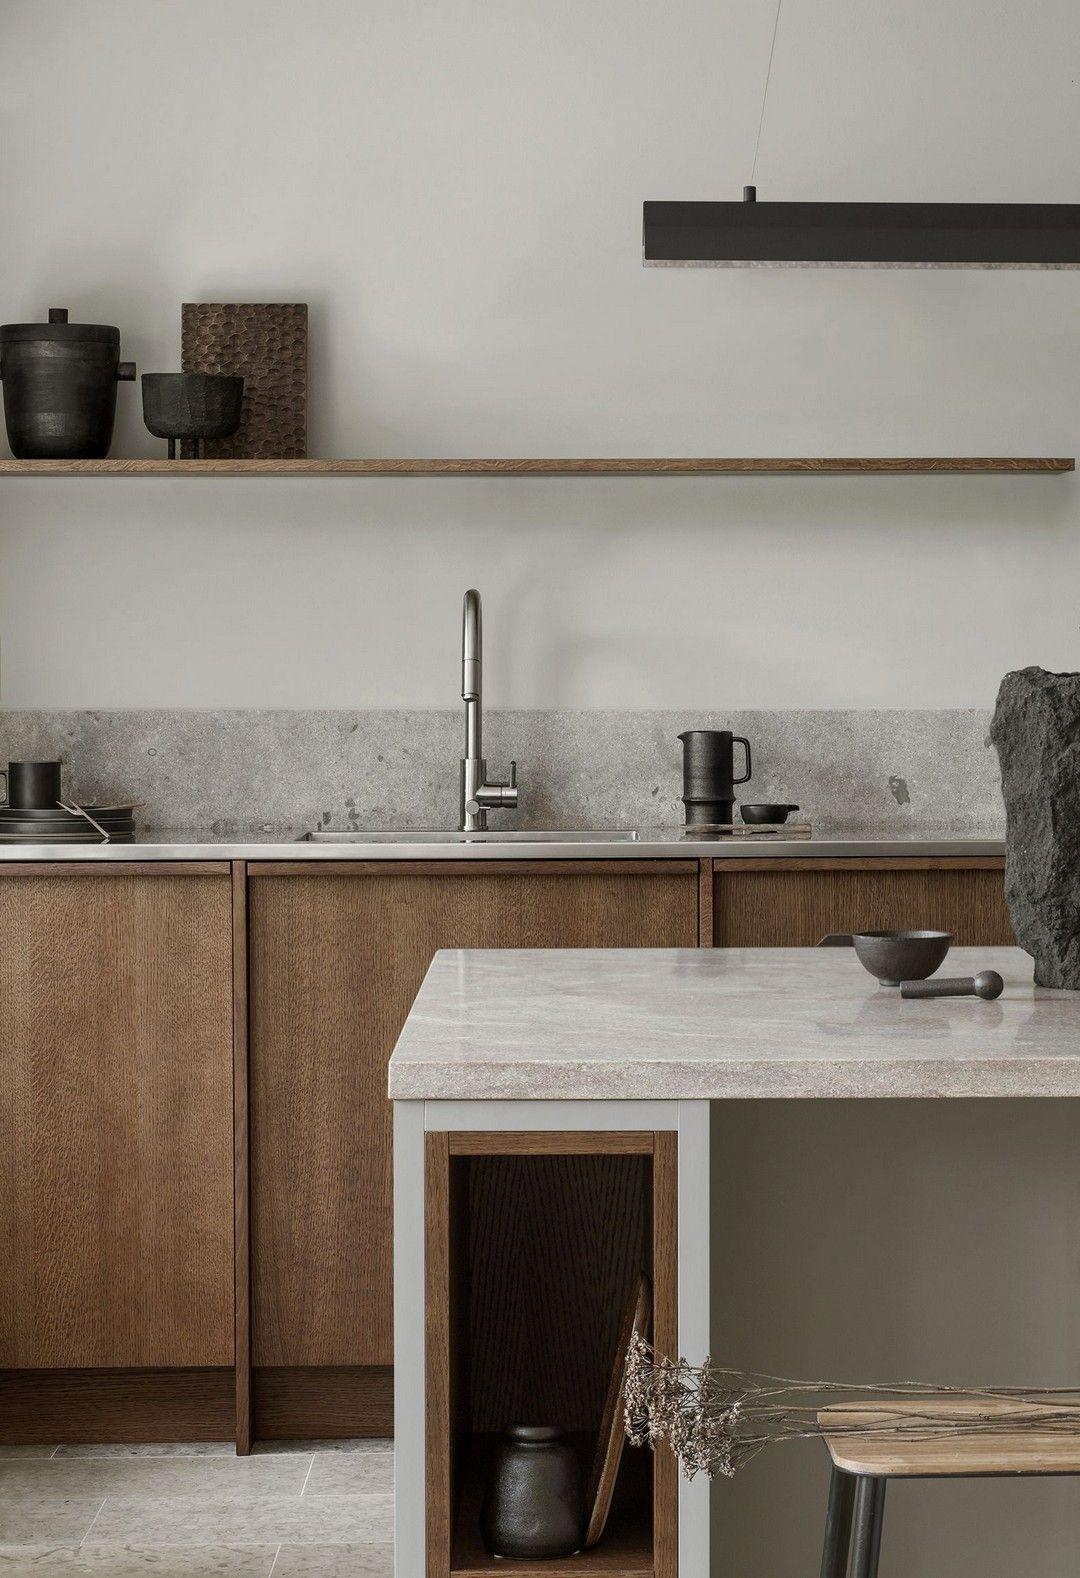 31 How To Design A Timeless Kitchen Cocina Atemporal Cocina